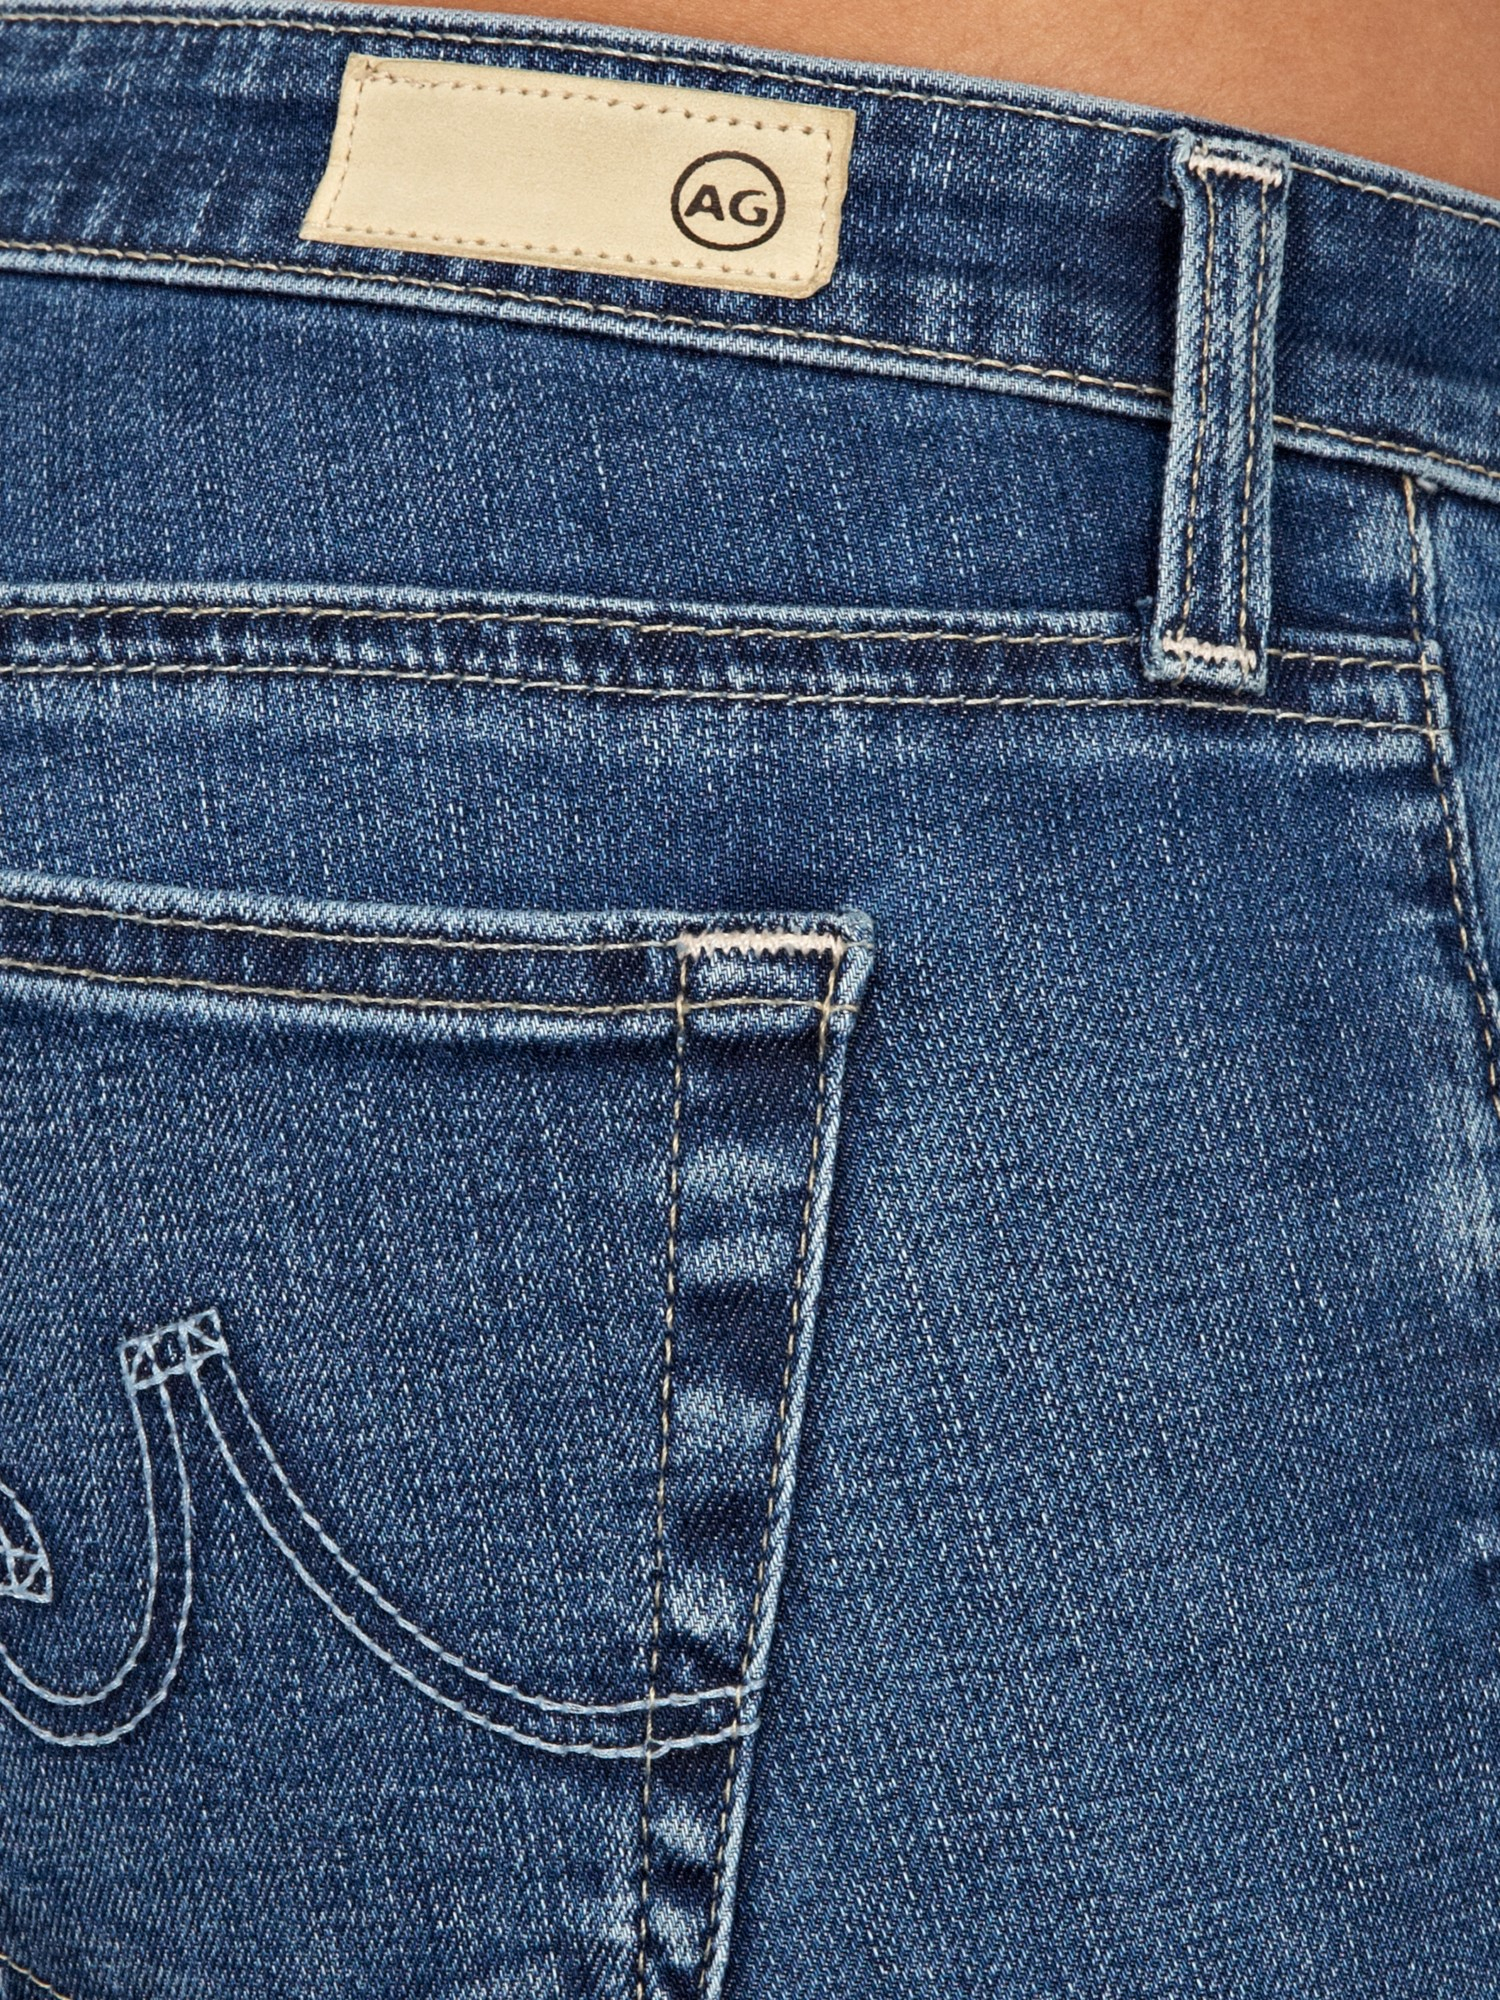 AG Jeans Denim The Stilt Roll Up Cigarette Jean in Blue